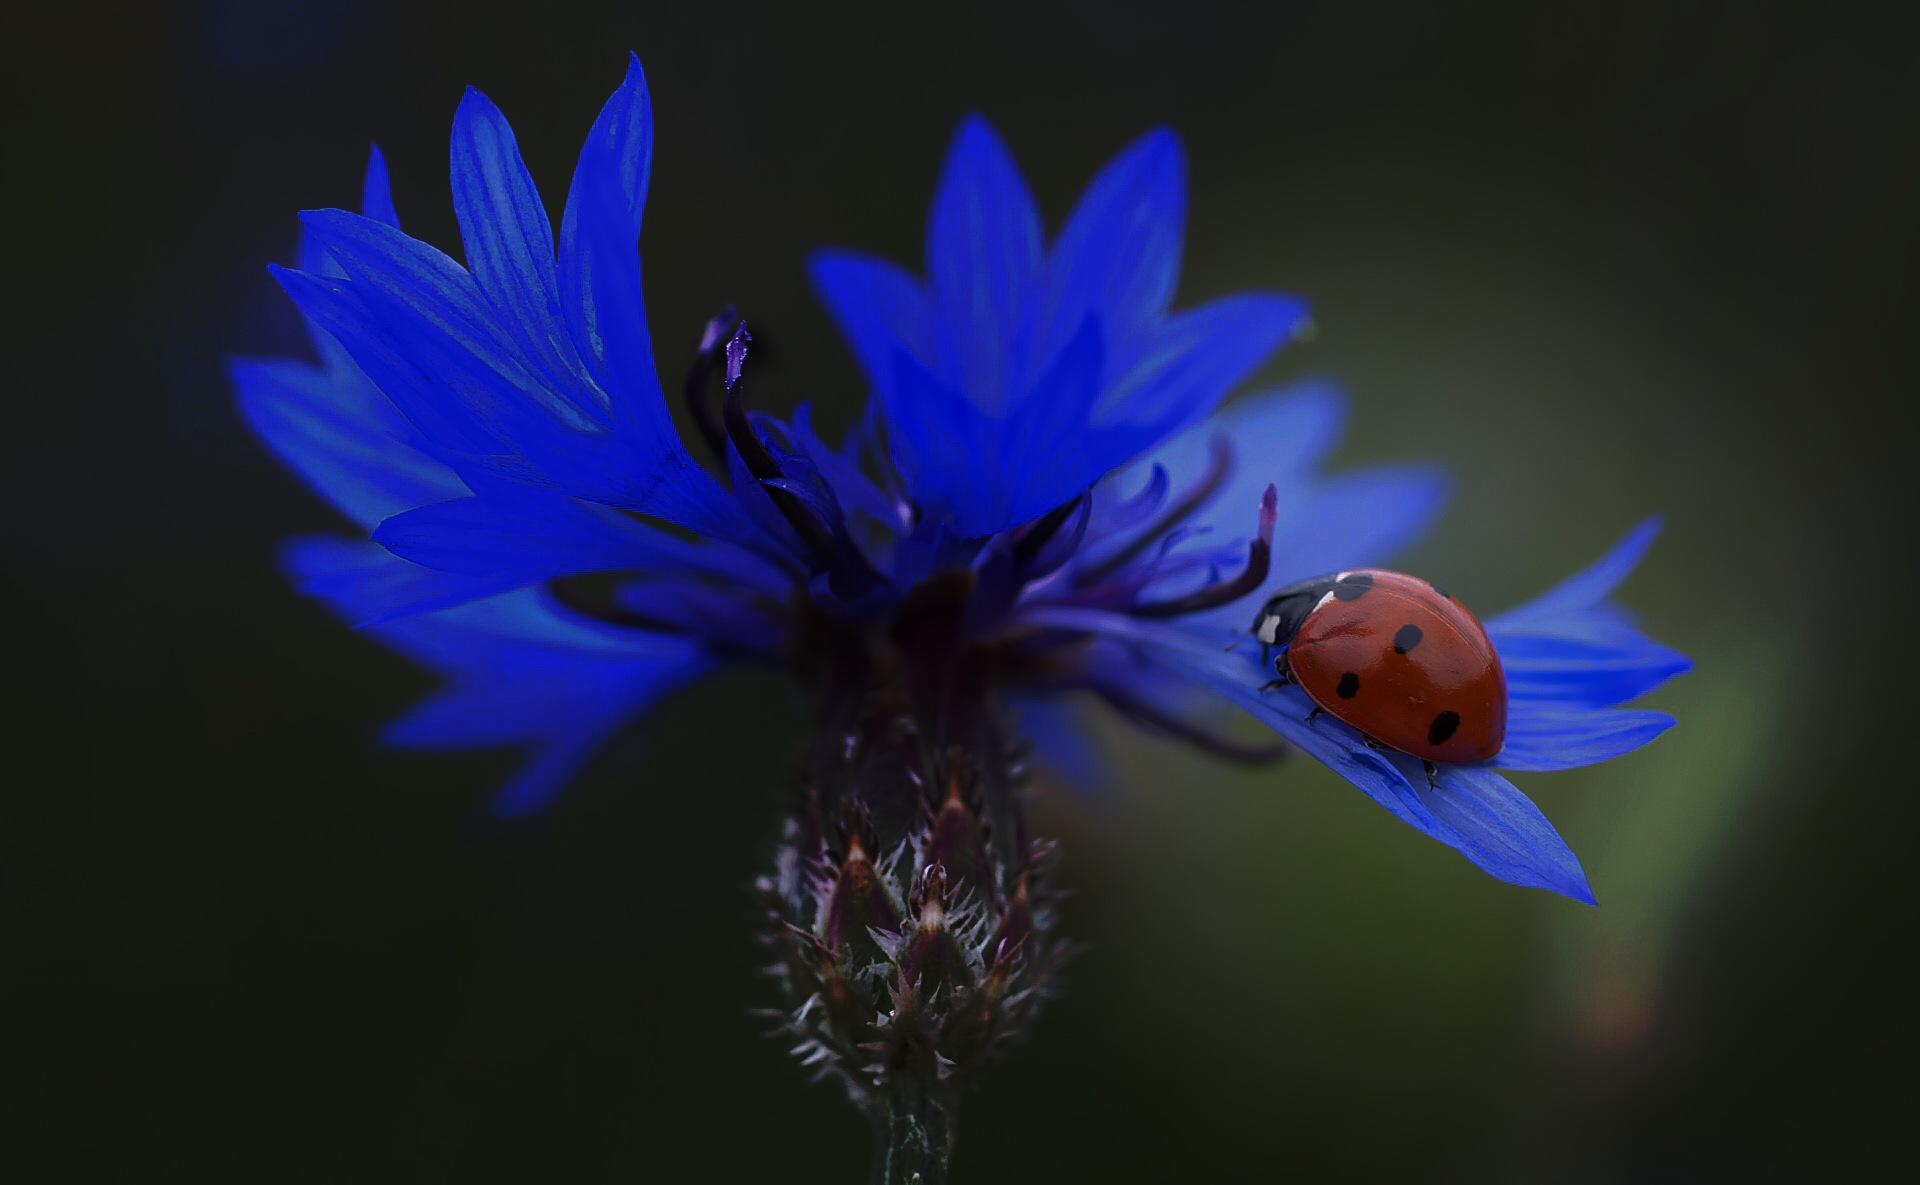 Ladybird by Lsb23